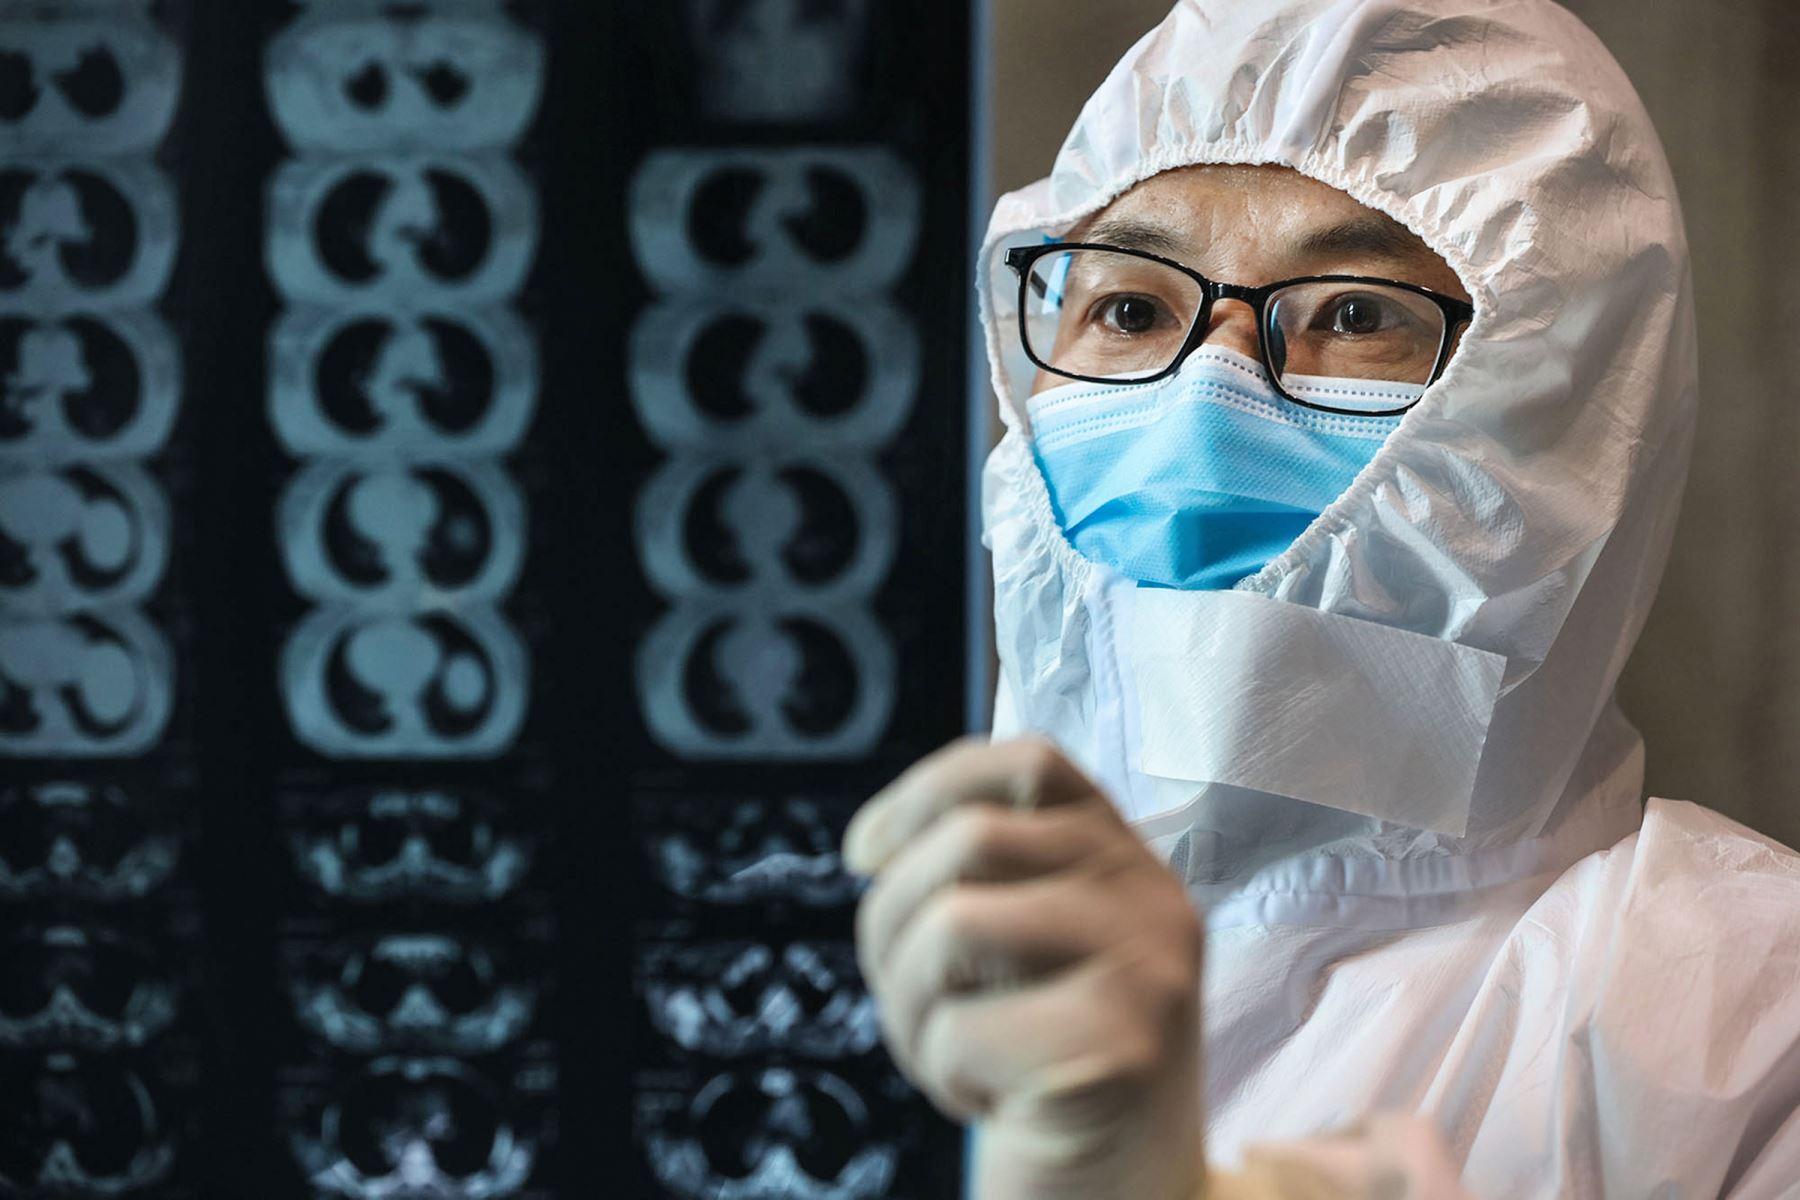 Según la Organización Mundial de la Salud (OMS), el periodo de la incubación de la peste es de entre 3 y 7 días, y tiene una tasa de mortalidad del 30%. Foto: AFP